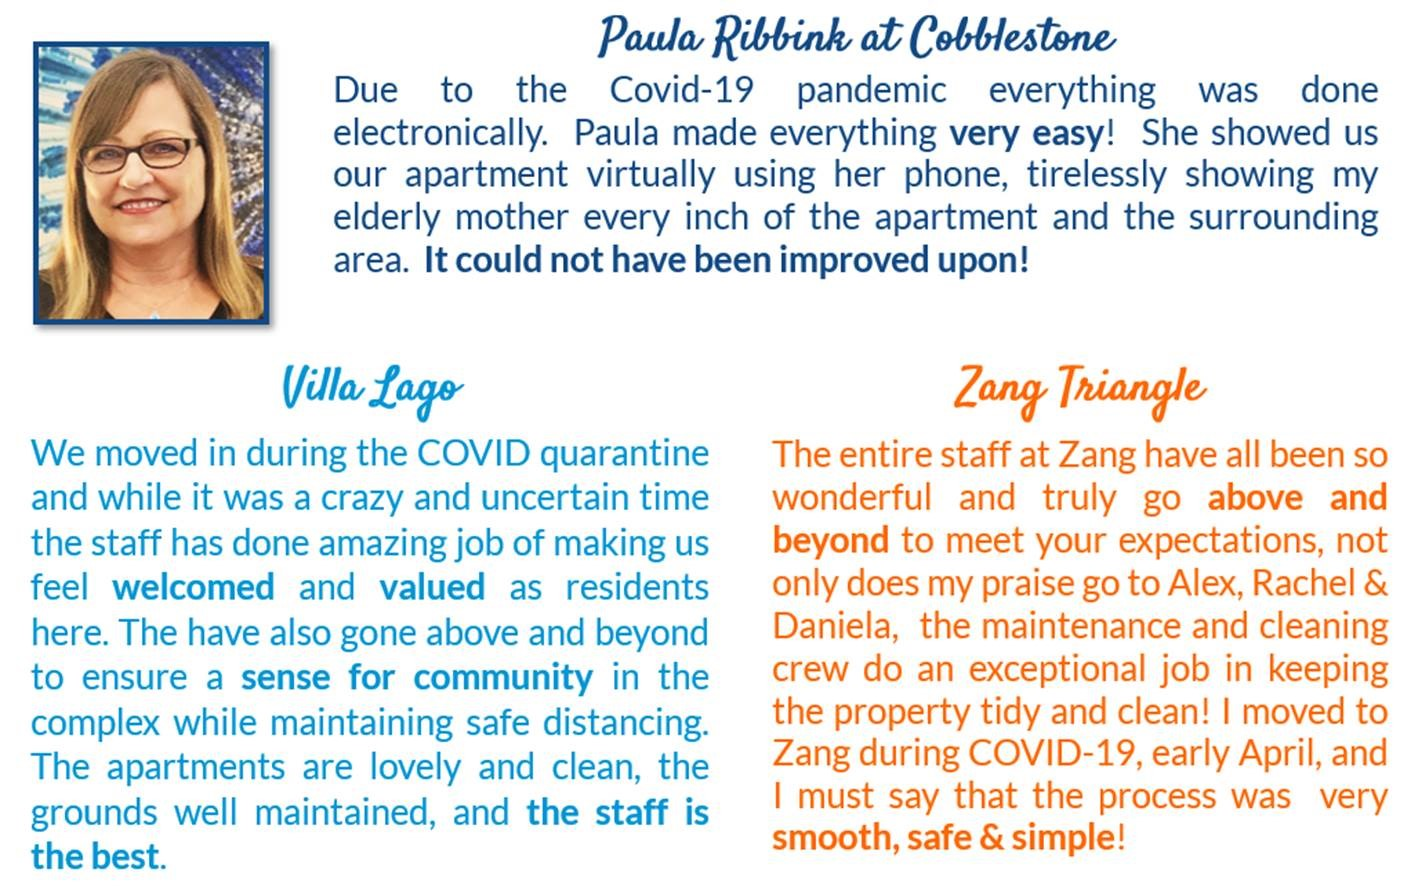 resident feedback - Cobblestone, Villa Lago, Zang Triangle